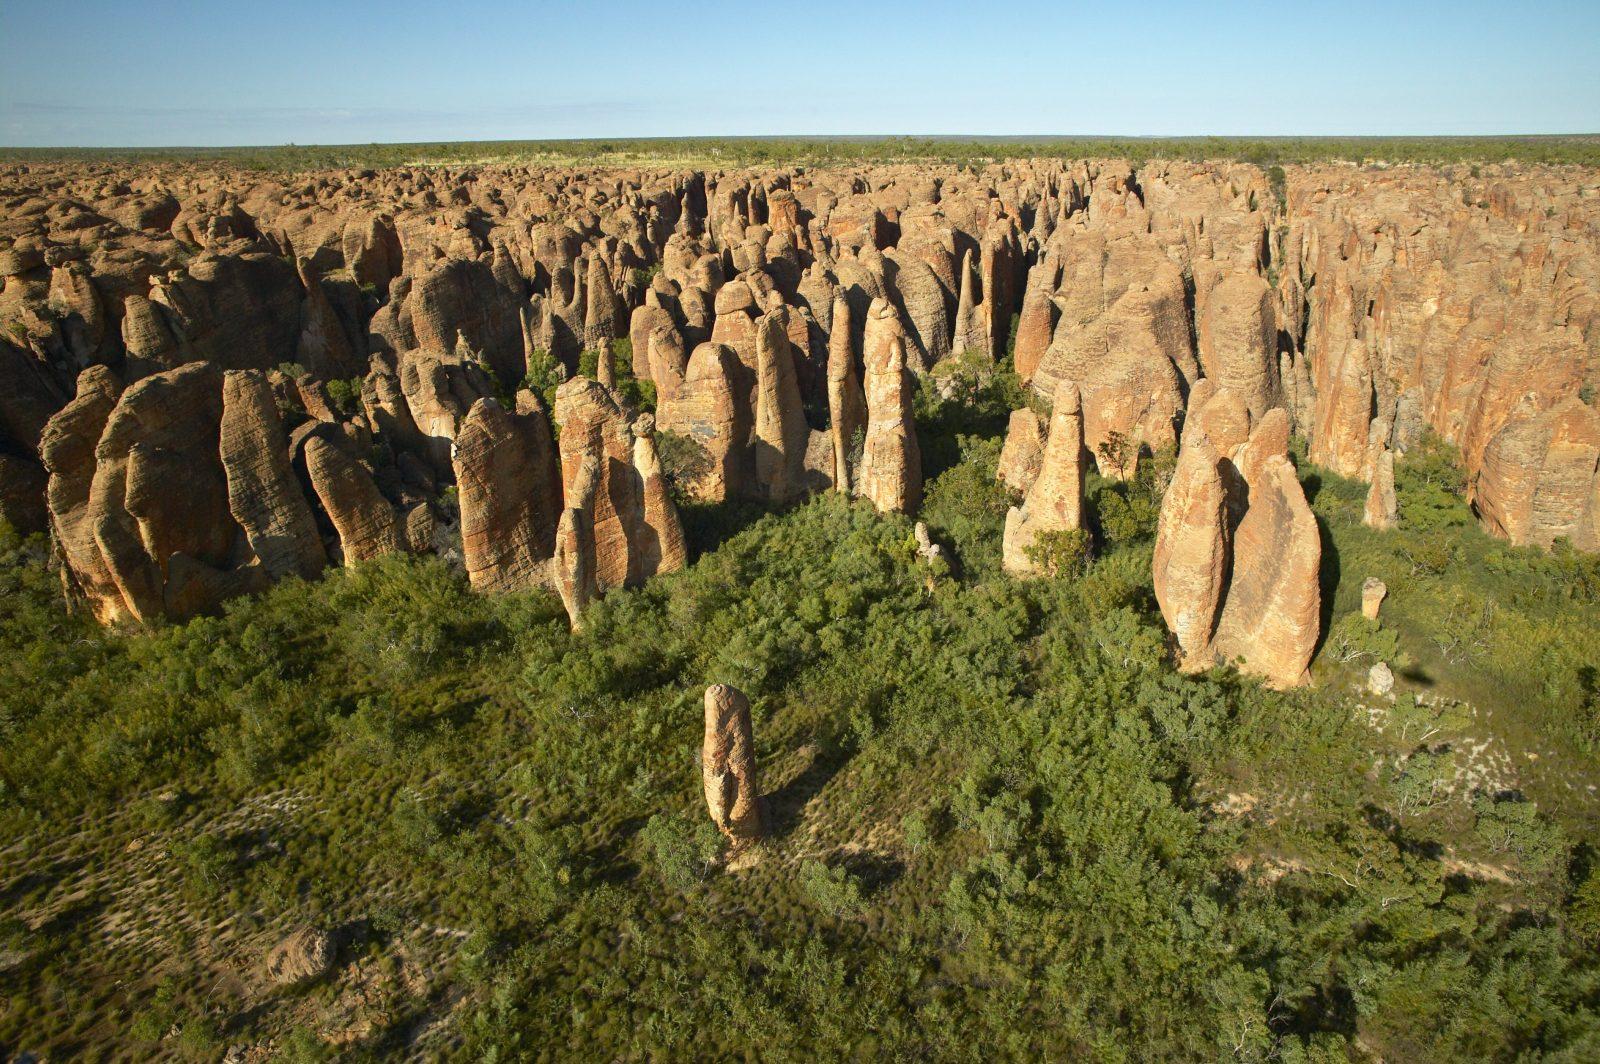 Limmen National Park